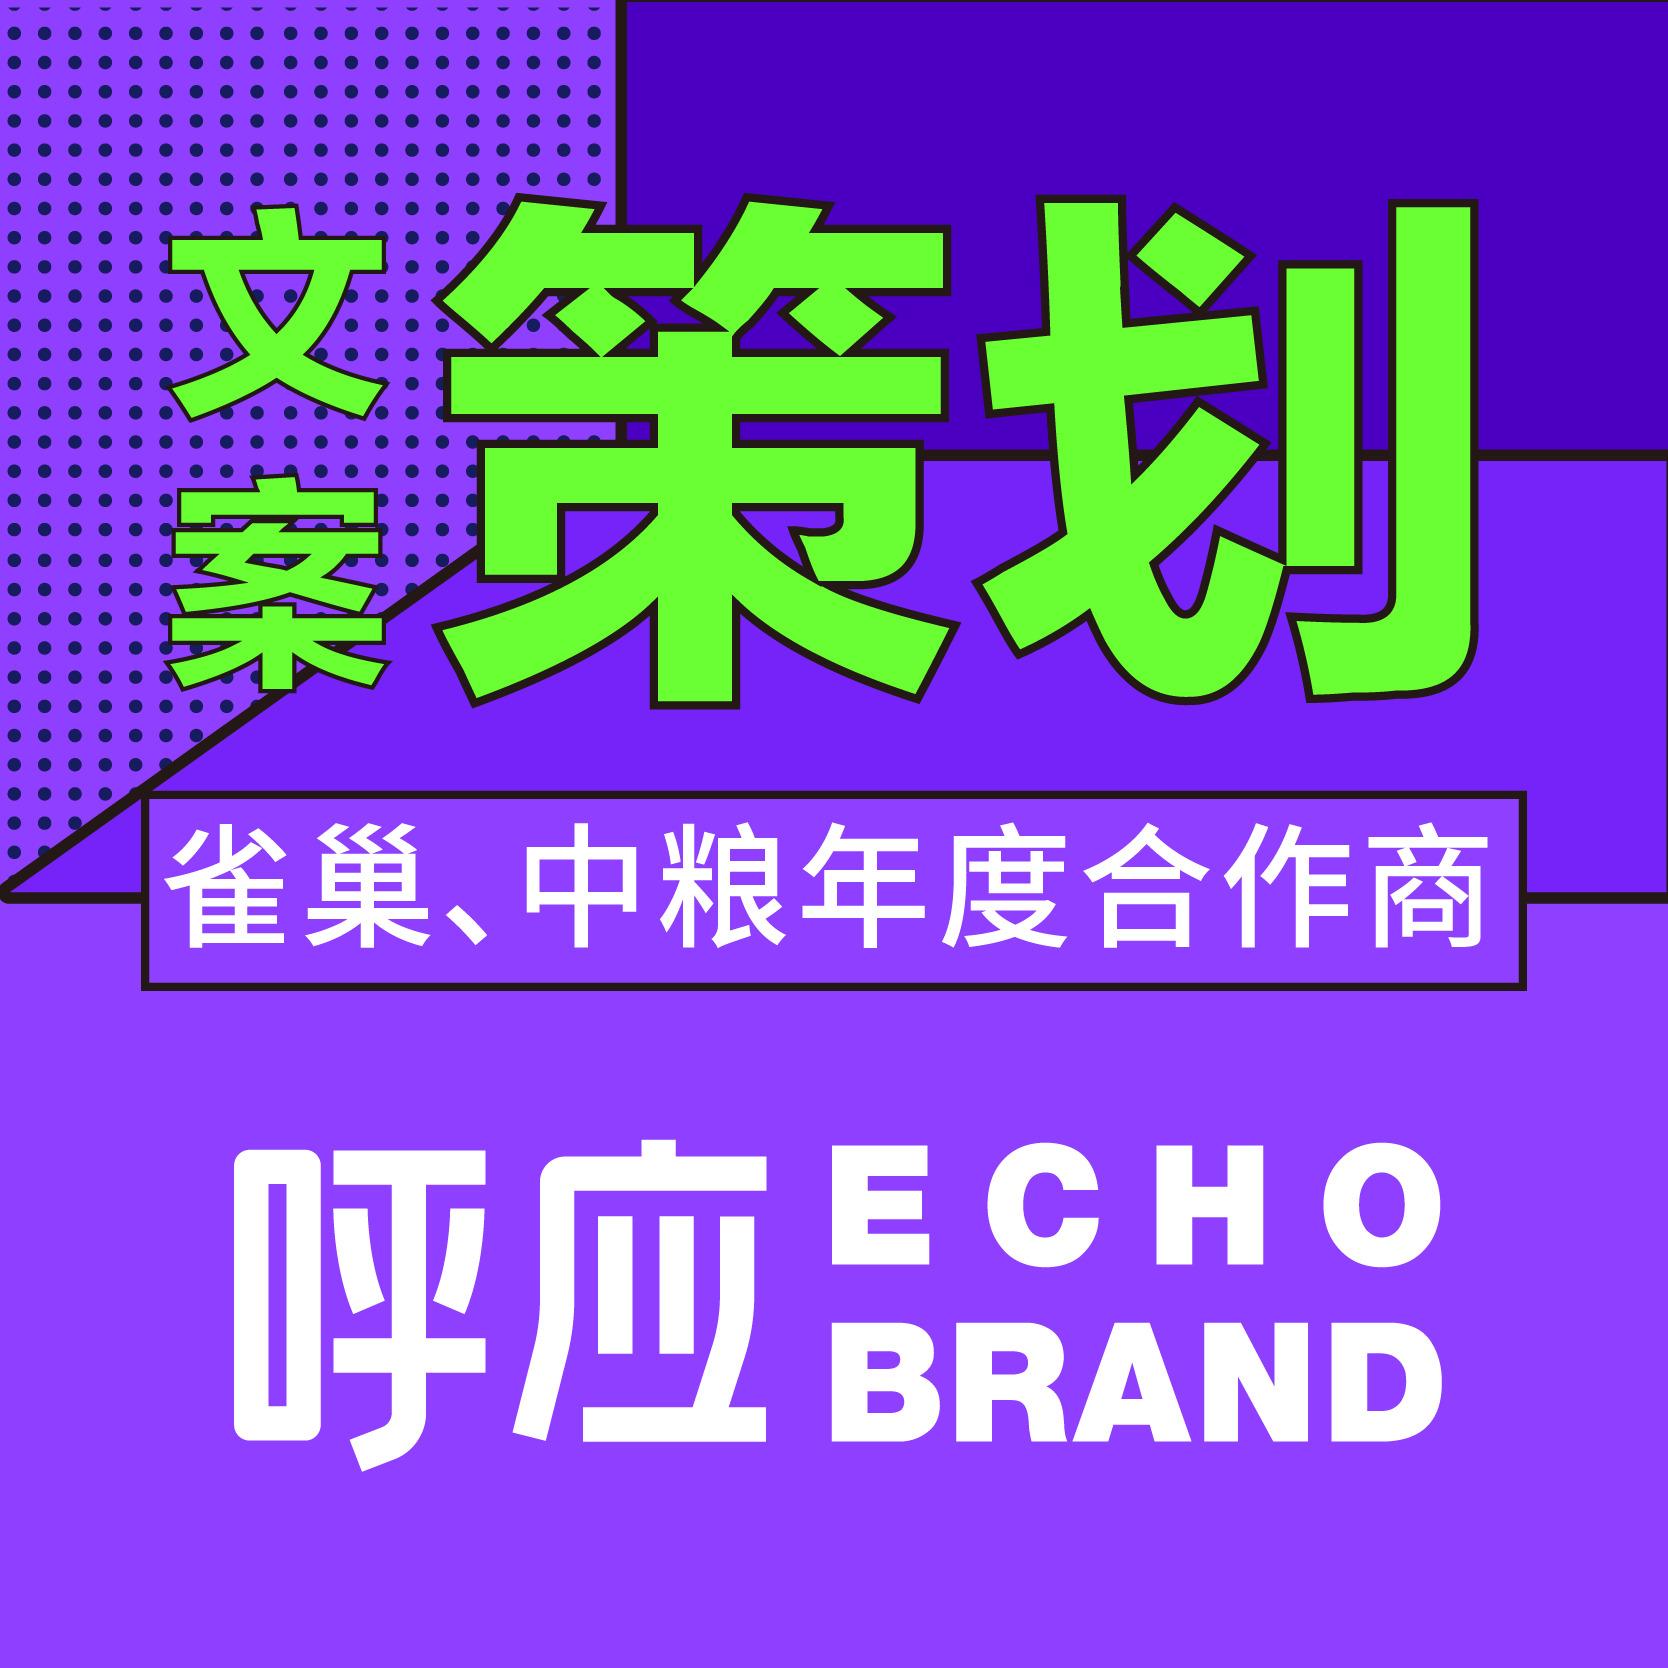 食品全案策划产品策略产品线规划产品拍摄品牌命名文化故事理念